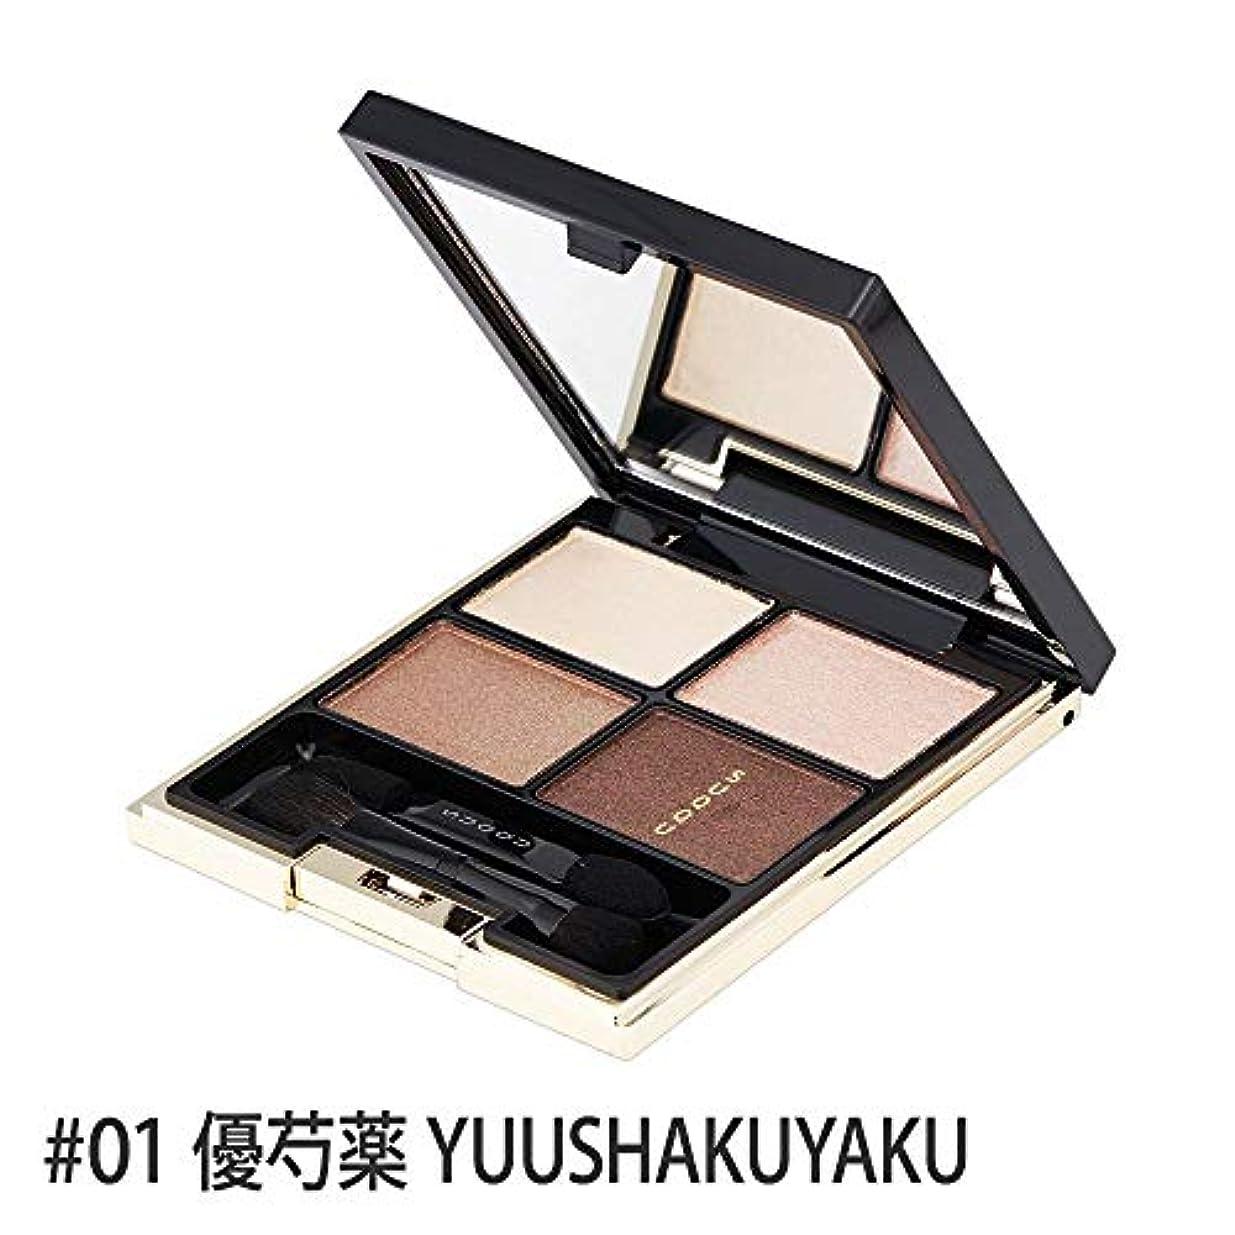 コーンコンチネンタルラグSUQQU(スック) デザイニング カラー アイズ #01優芍薬 YUUSHAKUYAKU [並行輸入品]